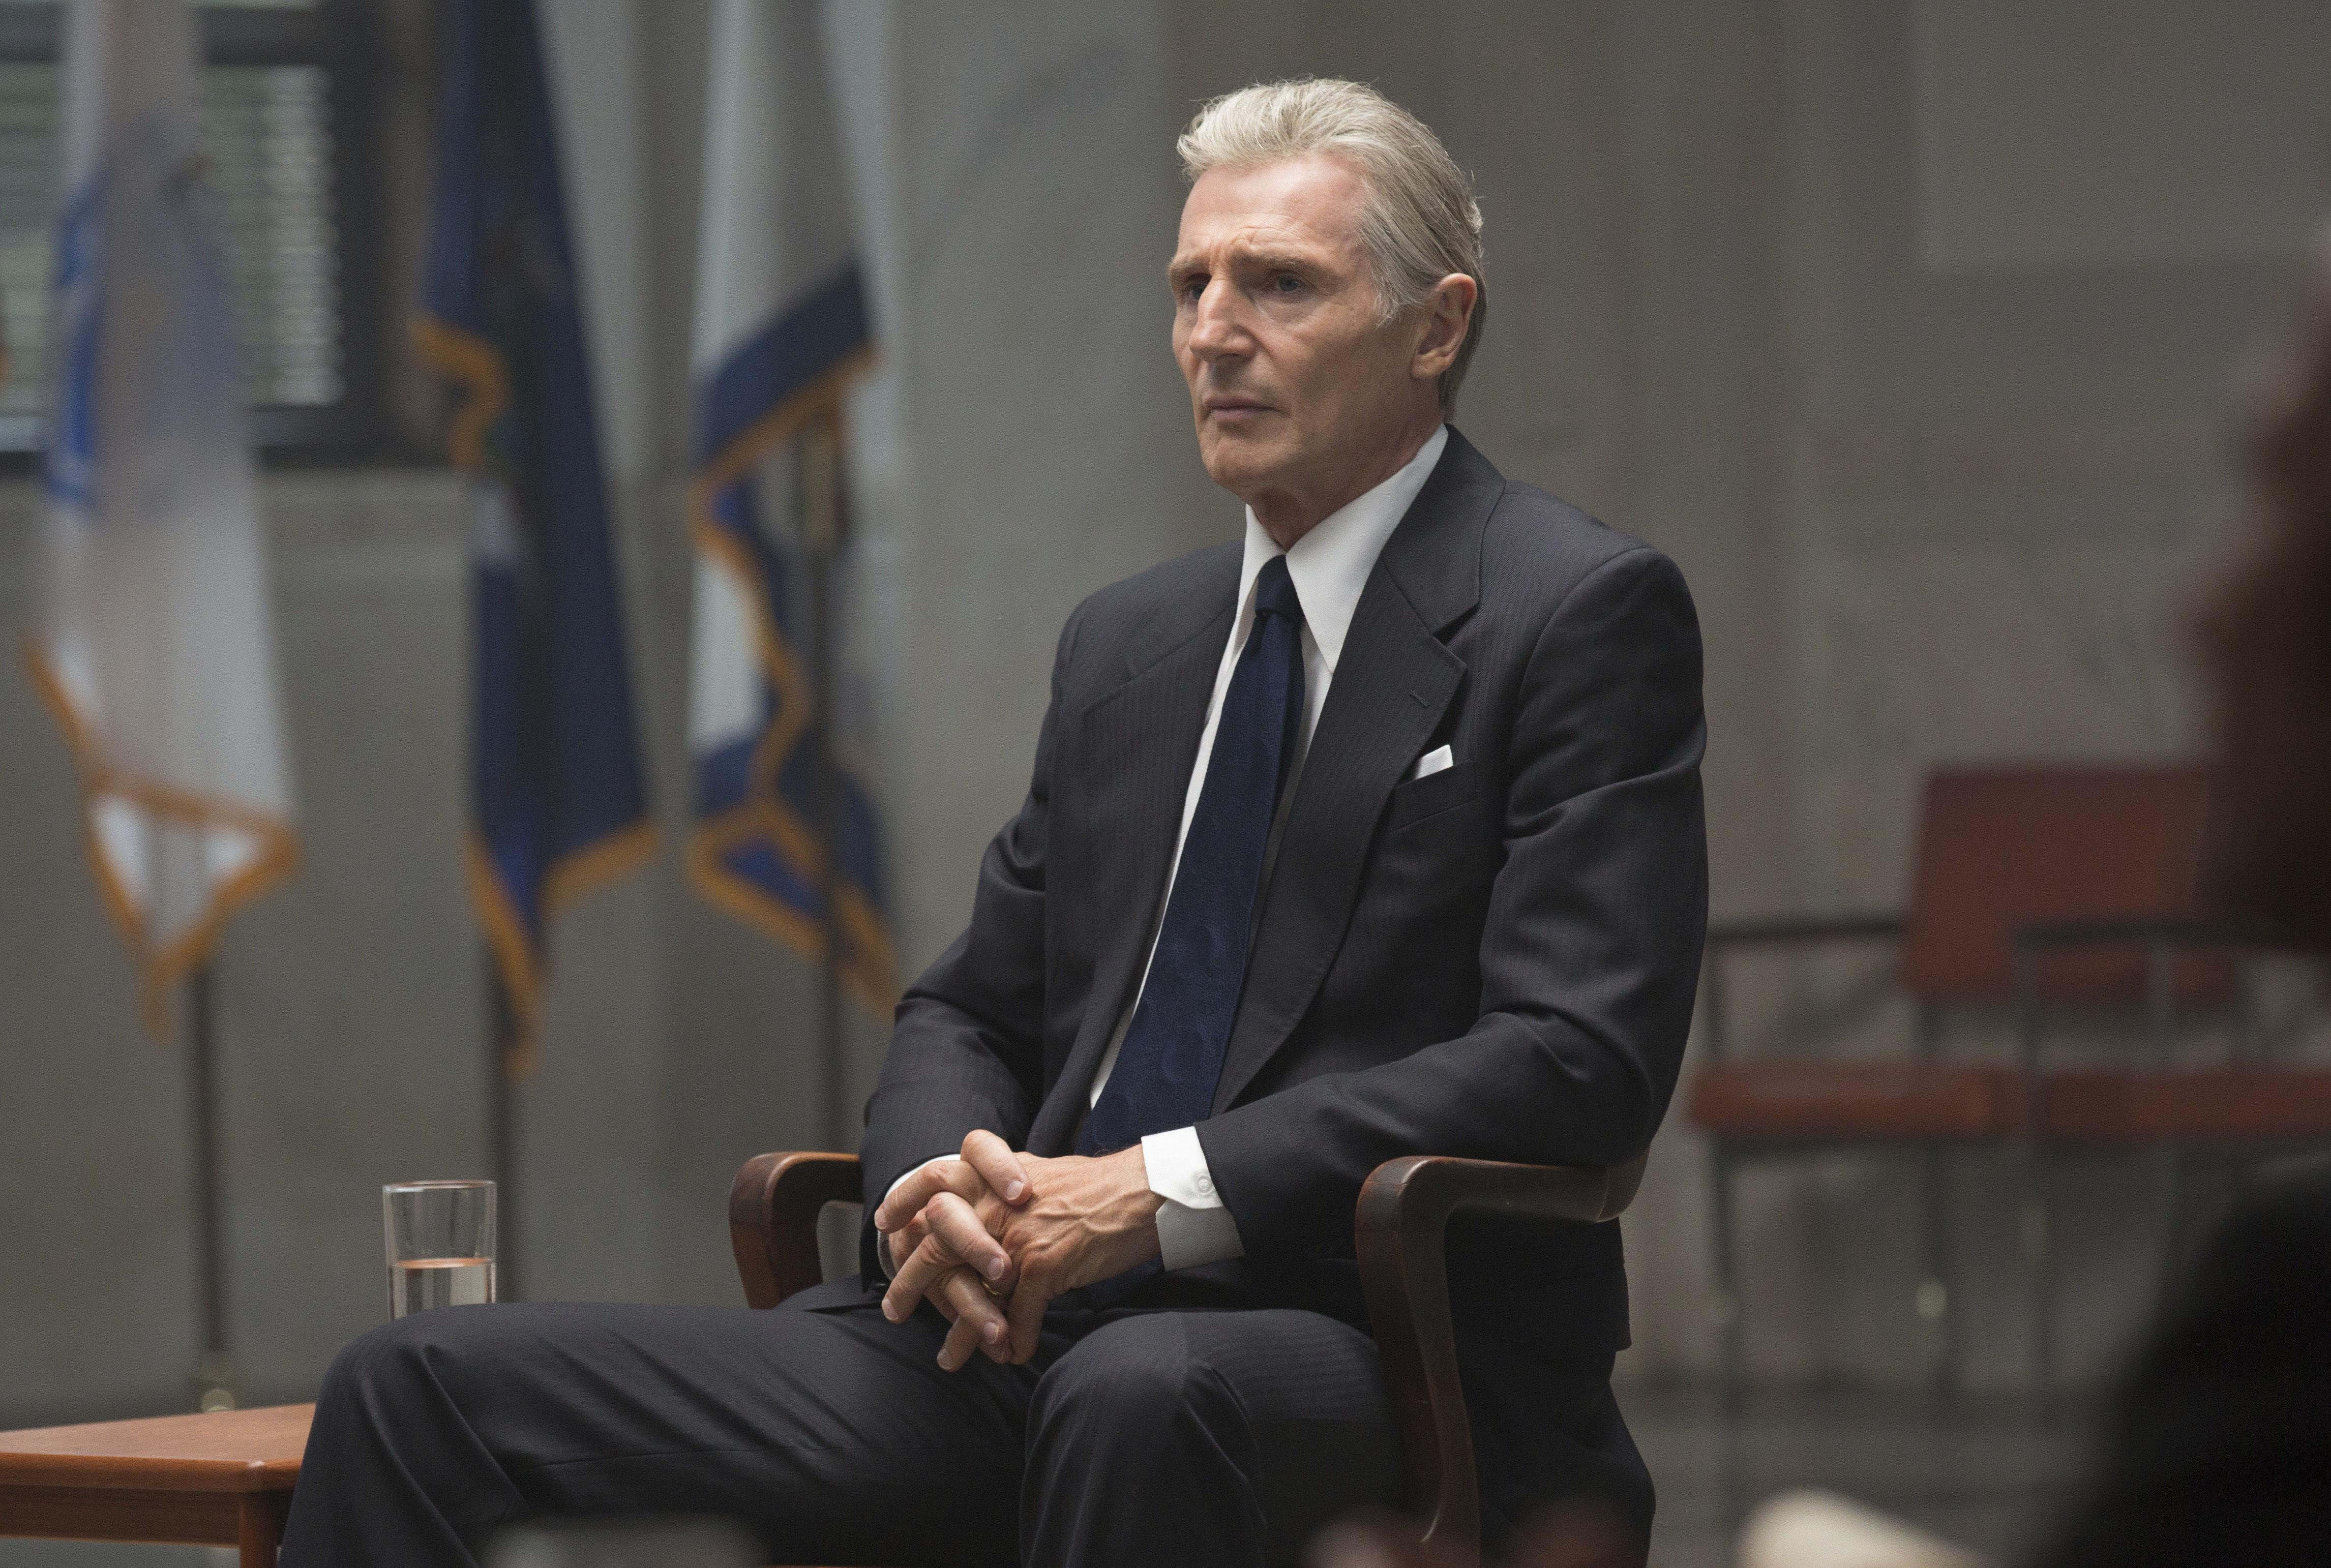 QA Liam Neeson brings down White House as Deep Throat in Mark